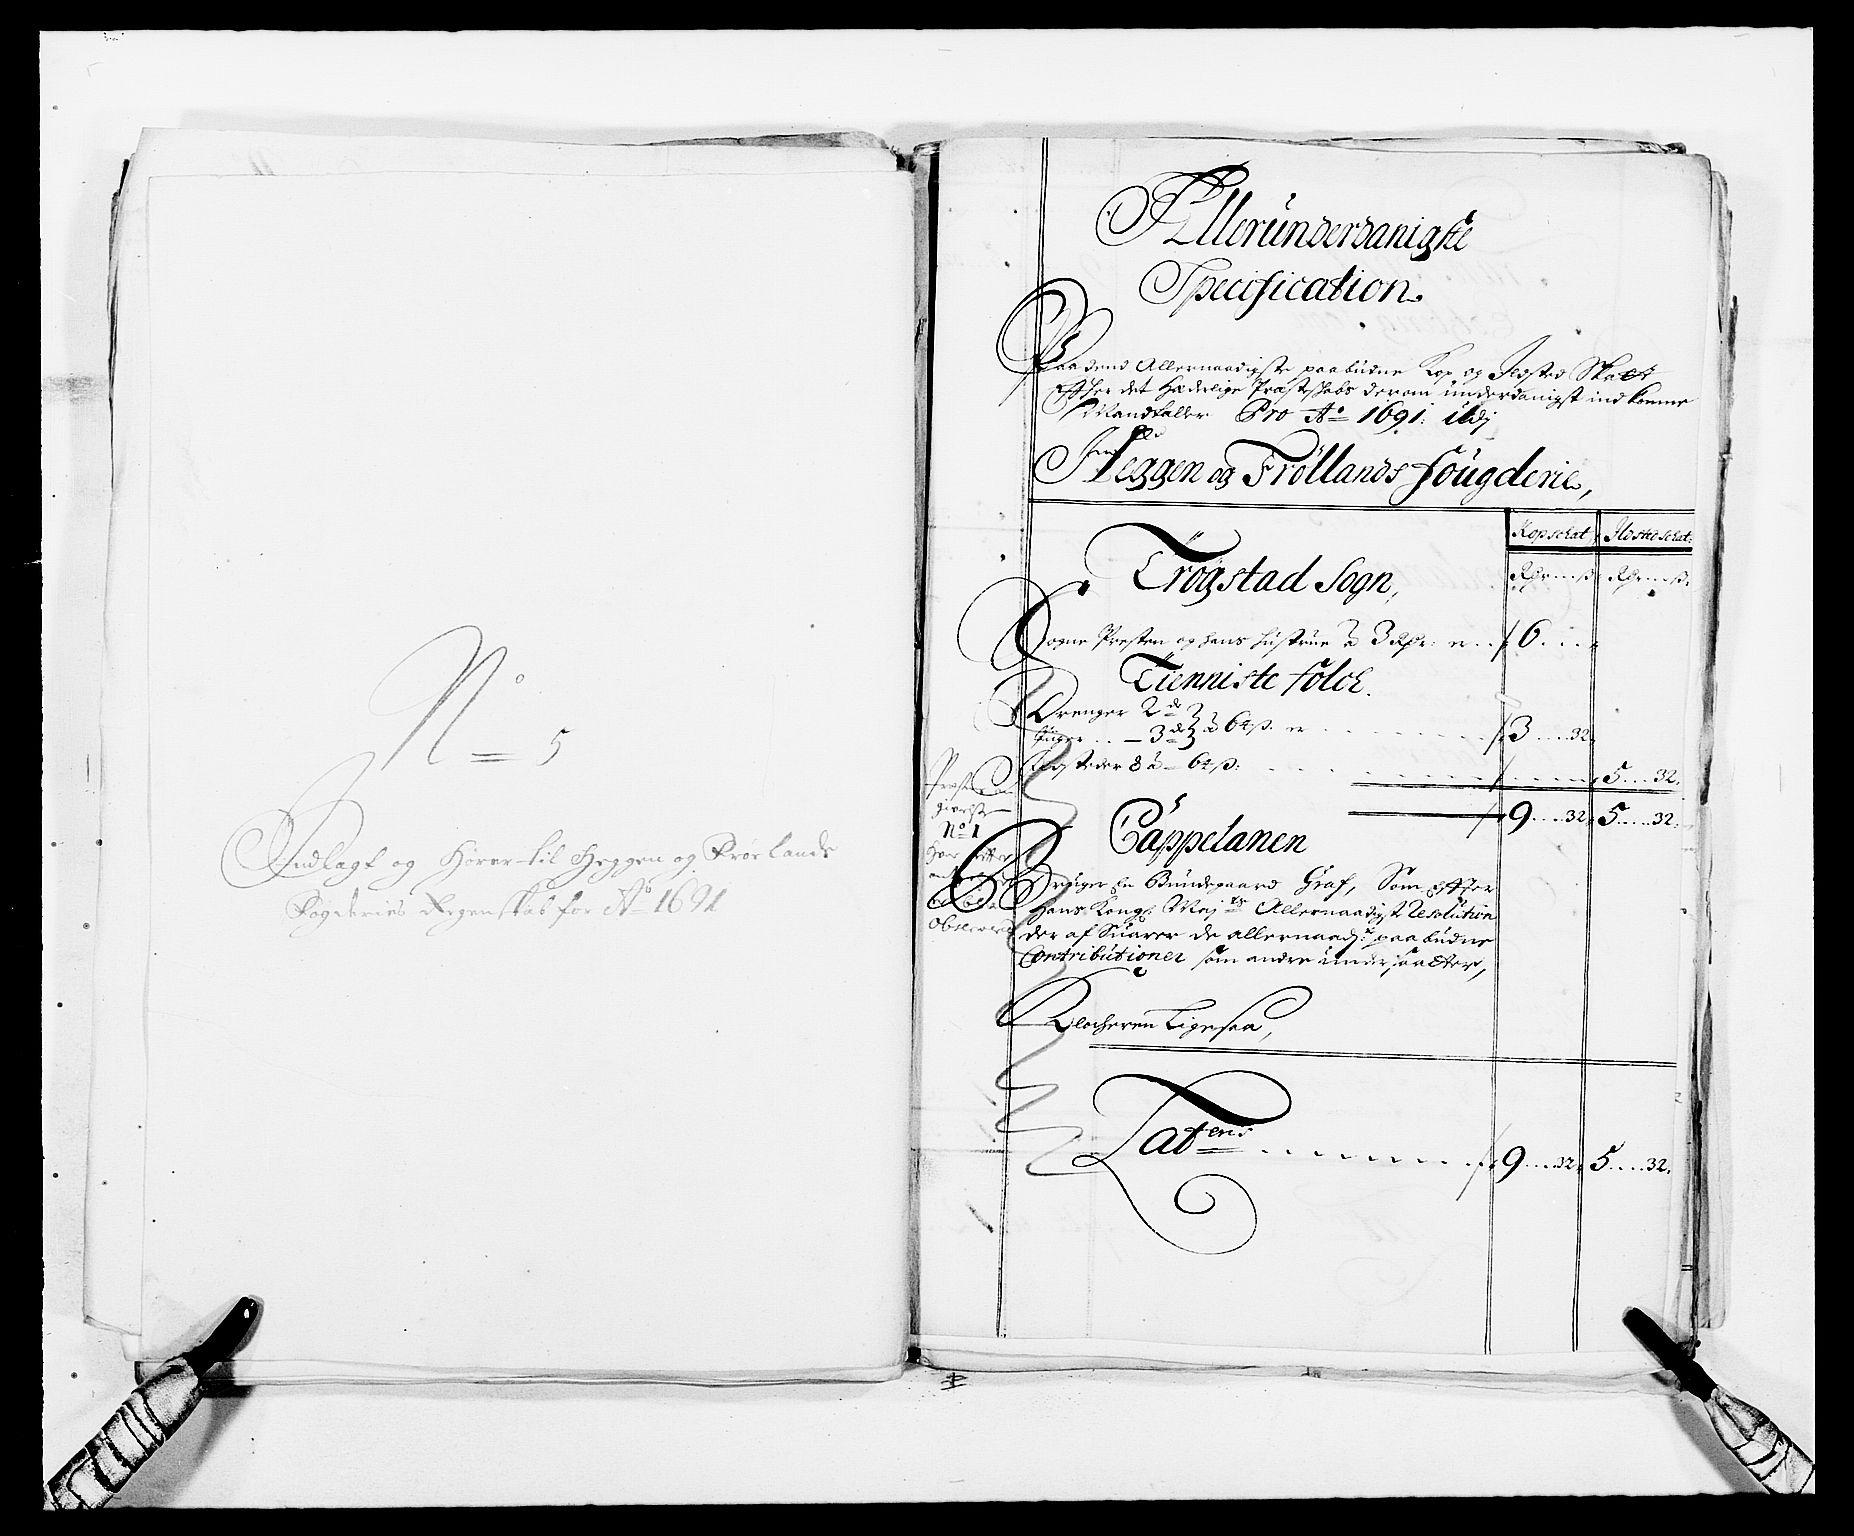 RA, Rentekammeret inntil 1814, Reviderte regnskaper, Fogderegnskap, R06/L0283: Fogderegnskap Heggen og Frøland, 1691-1693, s. 71